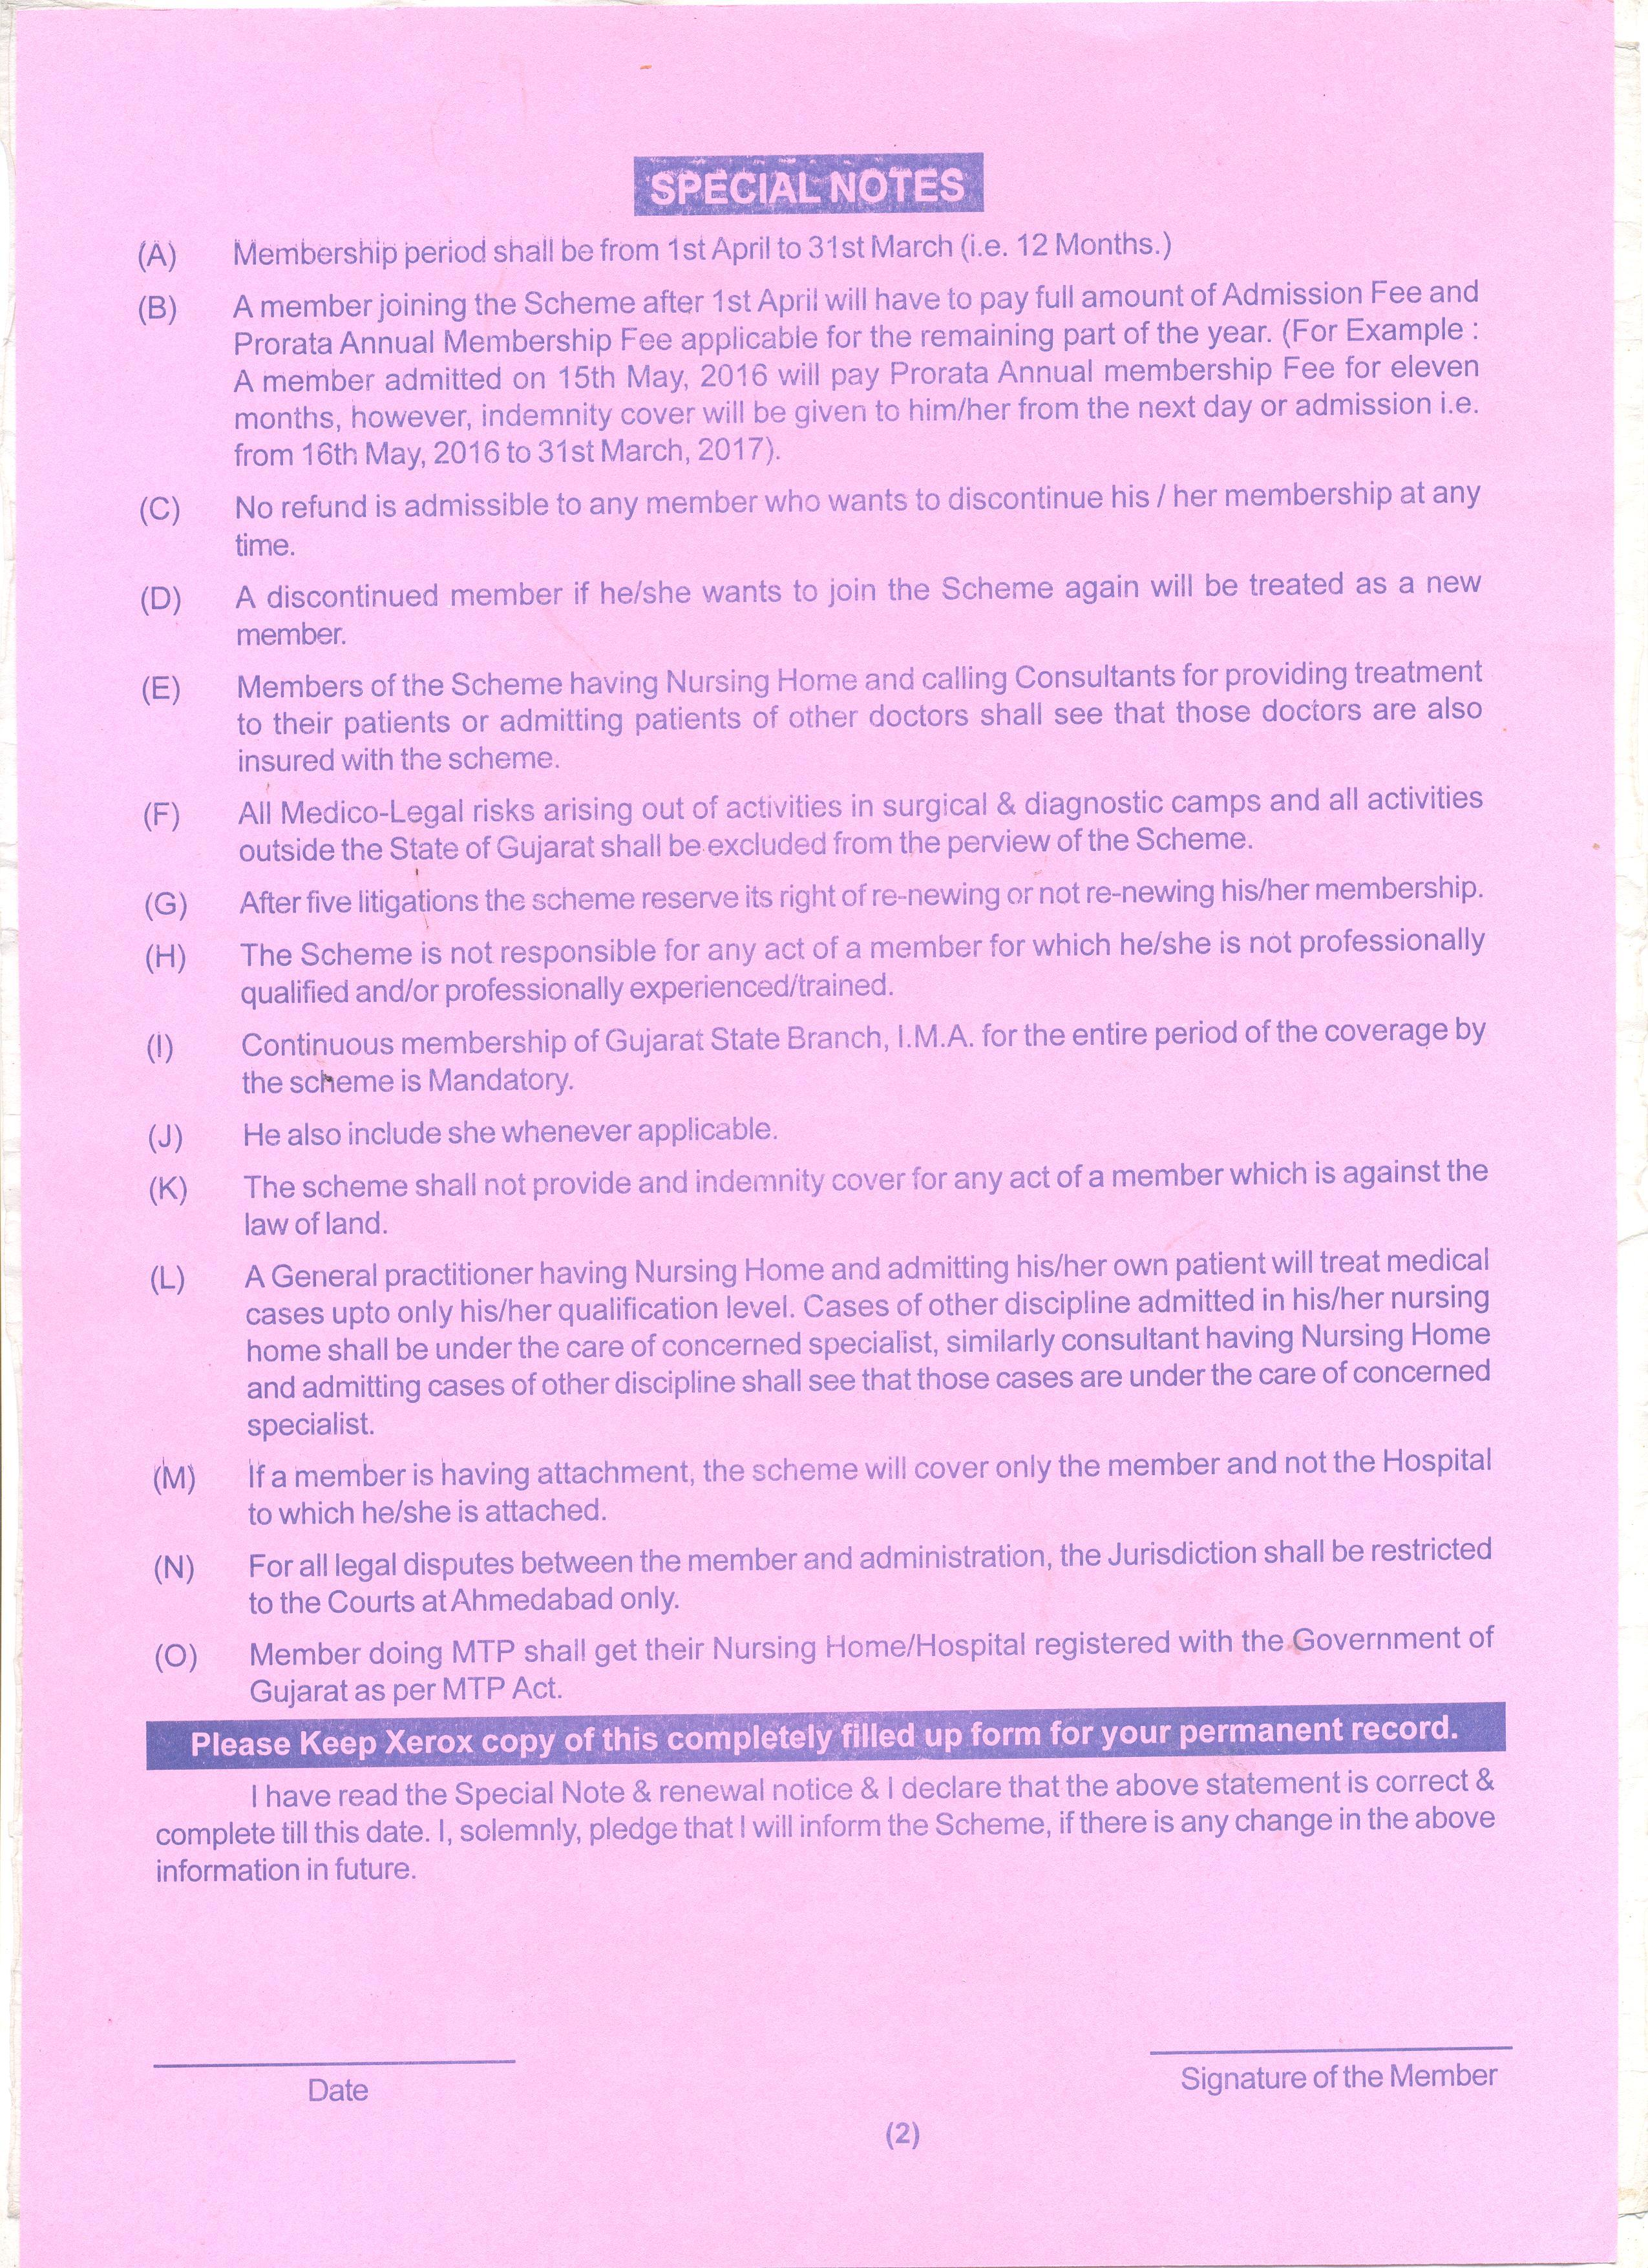 Pps Order Form on order paper, order of byte sizes, order symbol, order of the spur certificate, order list, order sheet, order now, order template, order management, order time, order processing, order number, order button, order book, order pad, order of reaction, order from walmart, order flow, order of service, order letter,